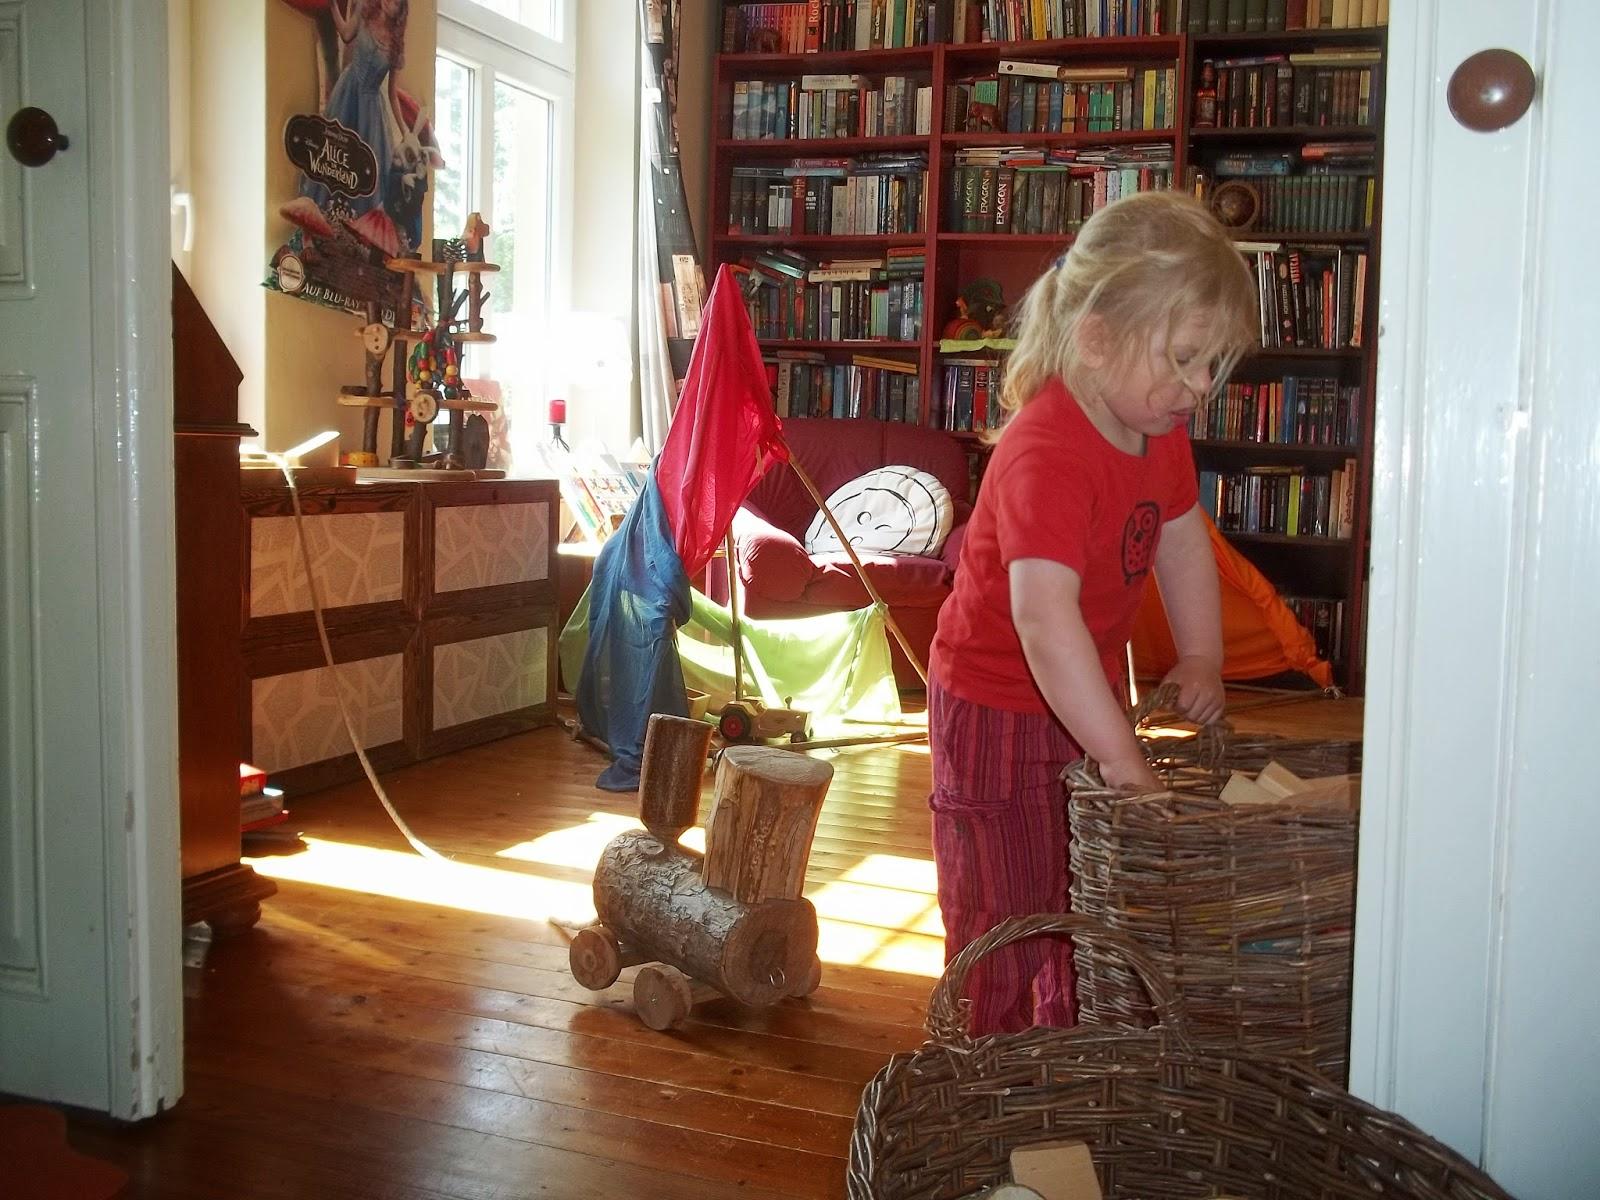 Fußboden Im Wohnwagen Knarrt ~ Wohnwagen vorzelt fußboden wohnwagen mit vorzelt und inventar auf